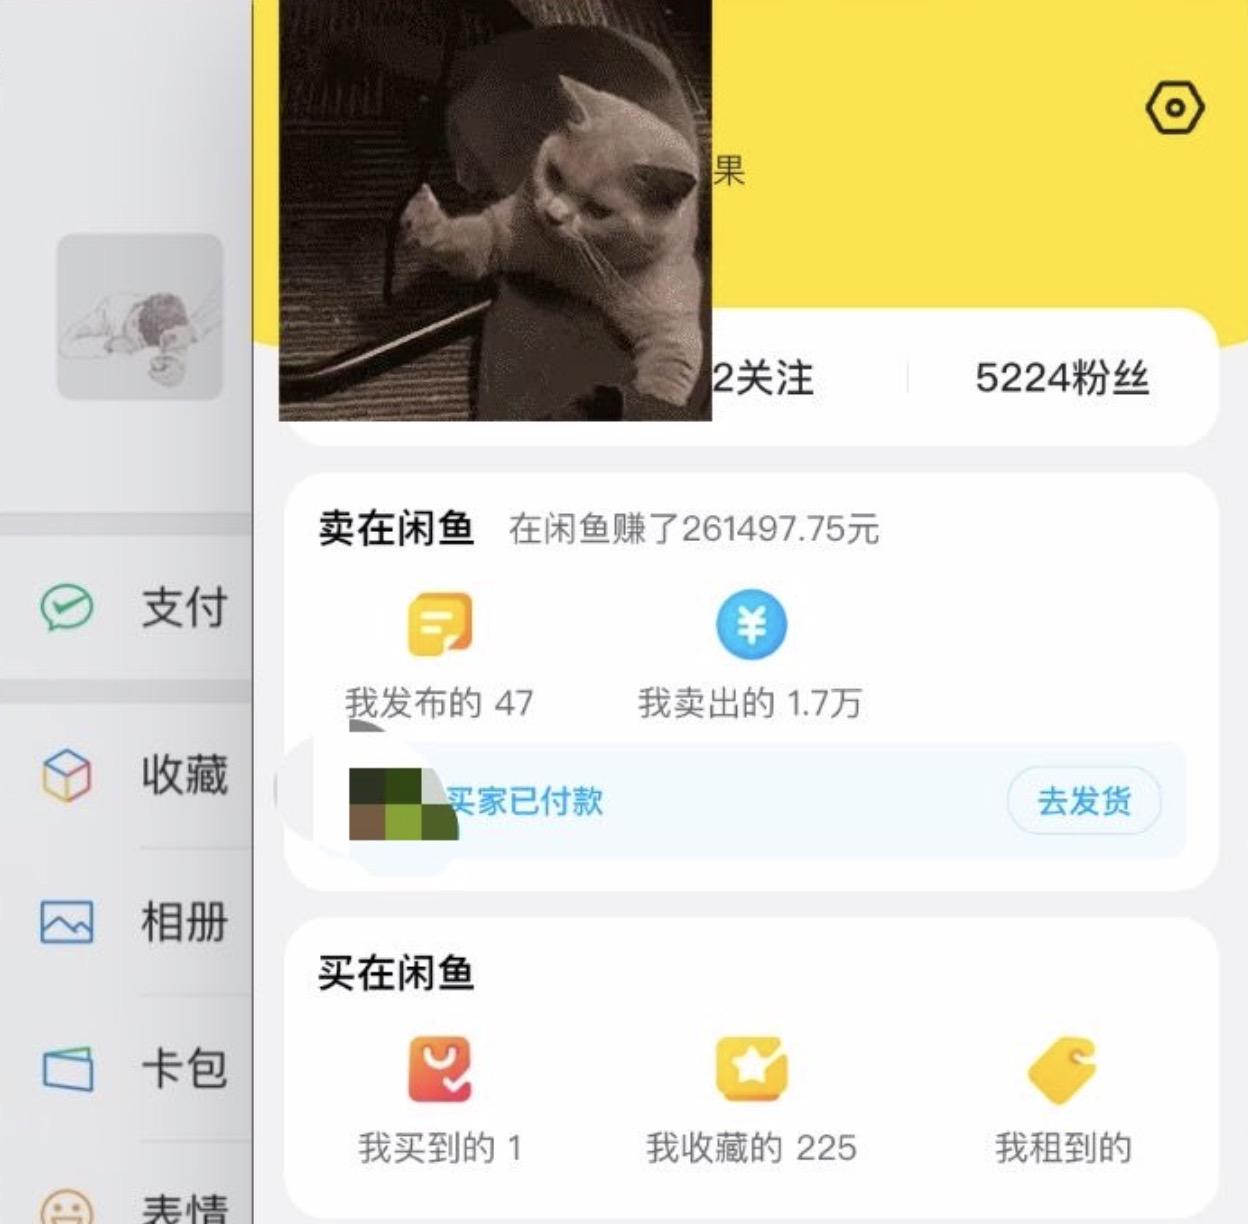 千城闲鱼无货源创业课 百度网盘